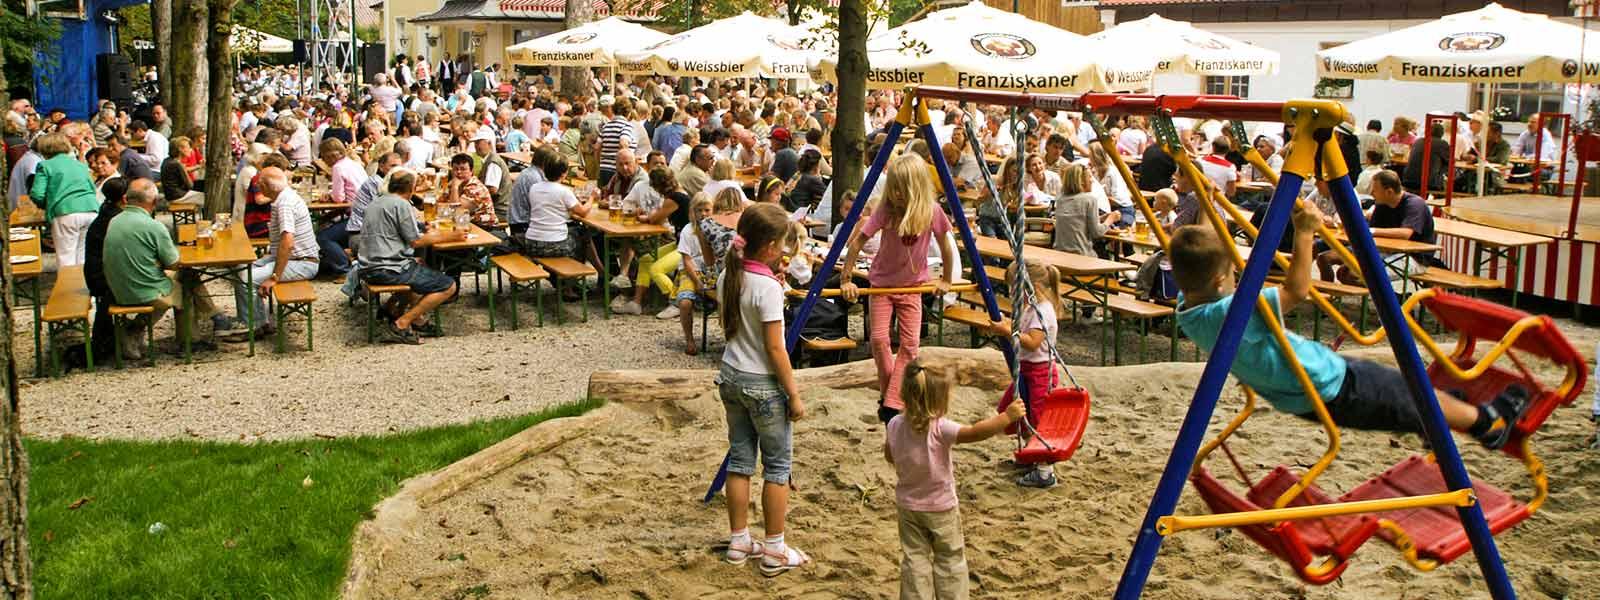 Biergarten Harlachinger Einkehr